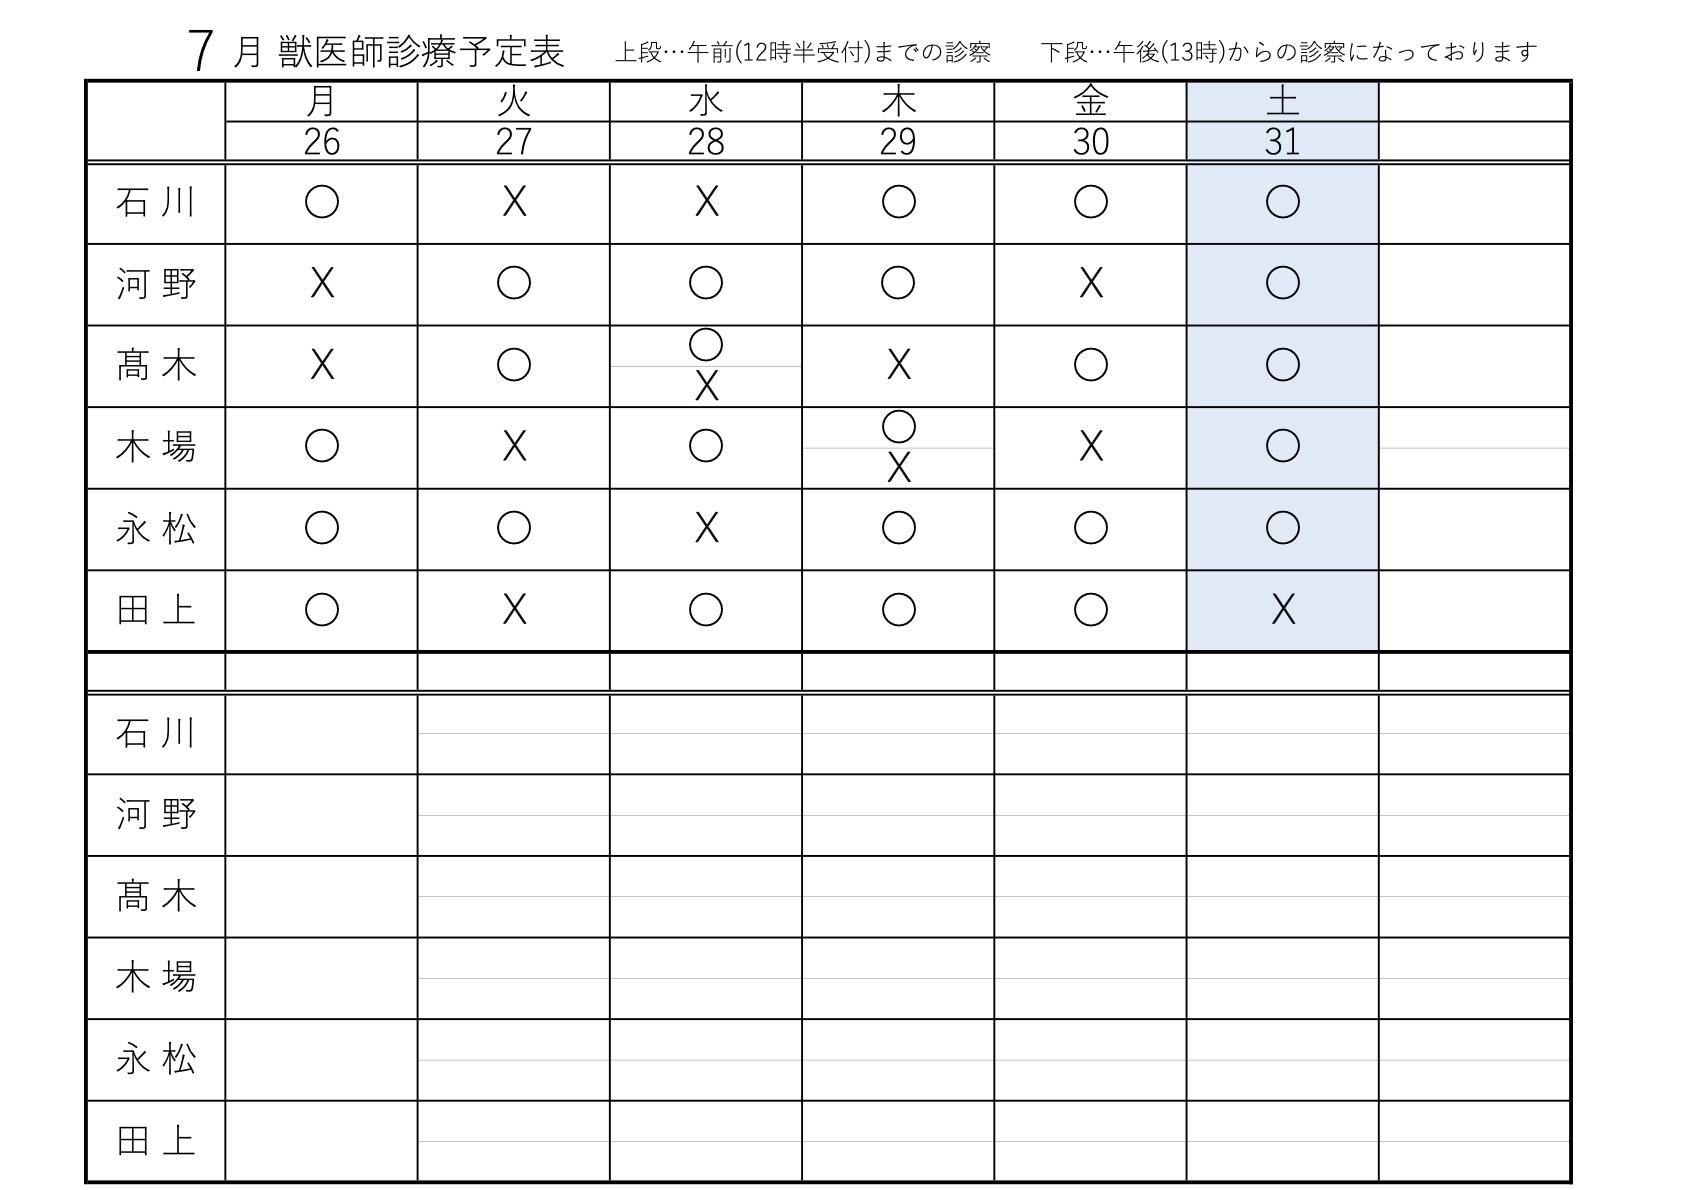 7月26~31日 獣医師診療予定表